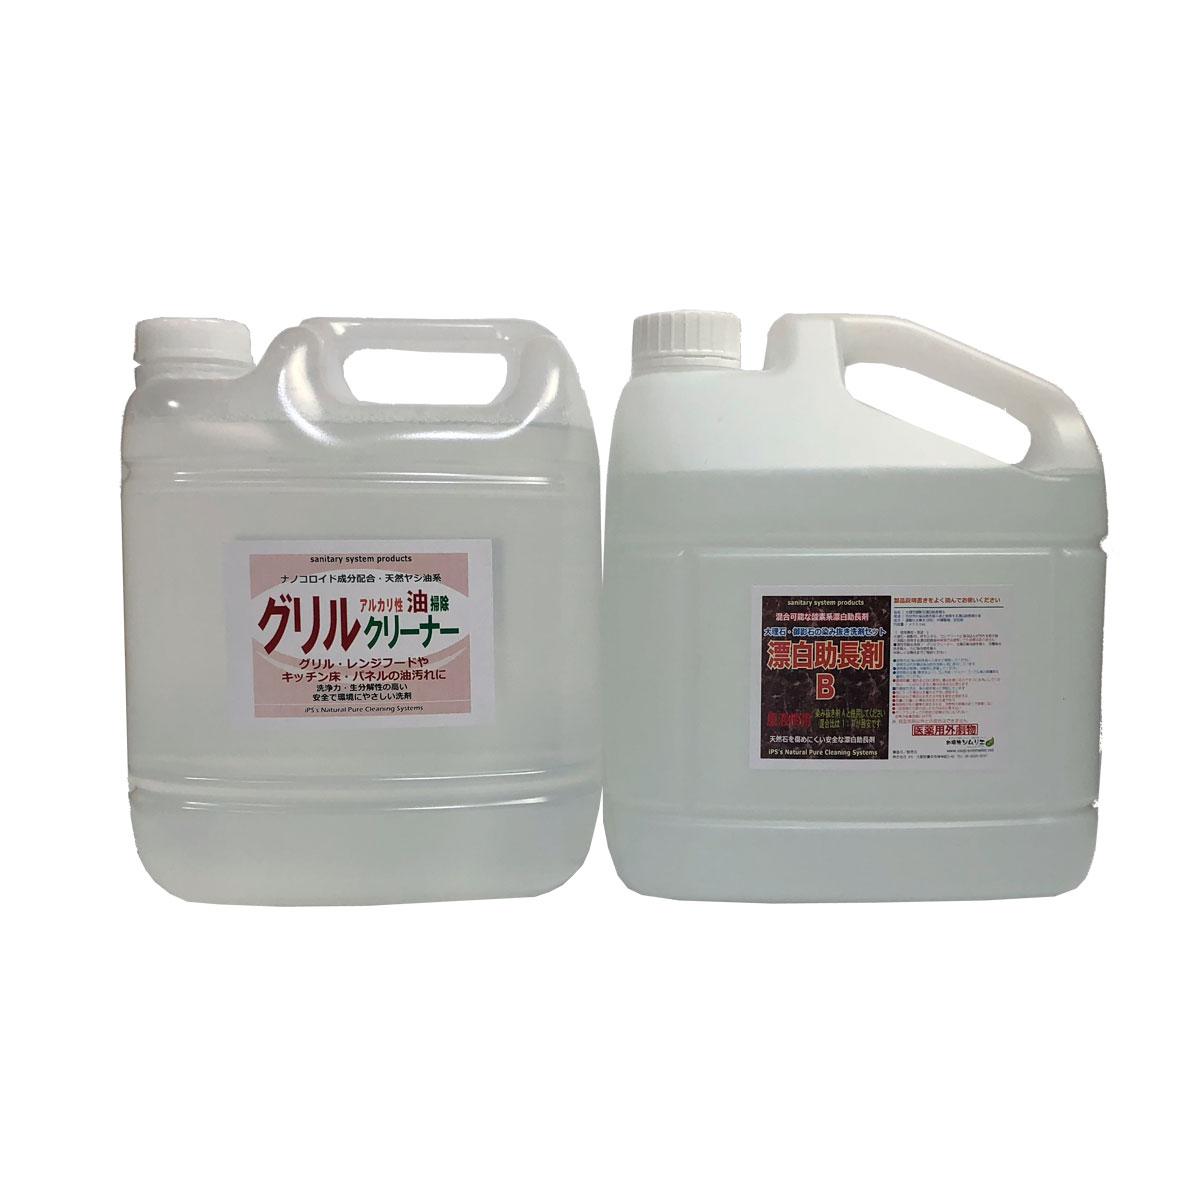 モルタル洗浄用 アルカリ洗剤A液4.0Lと漂白助長剤B液4.0Lのセット